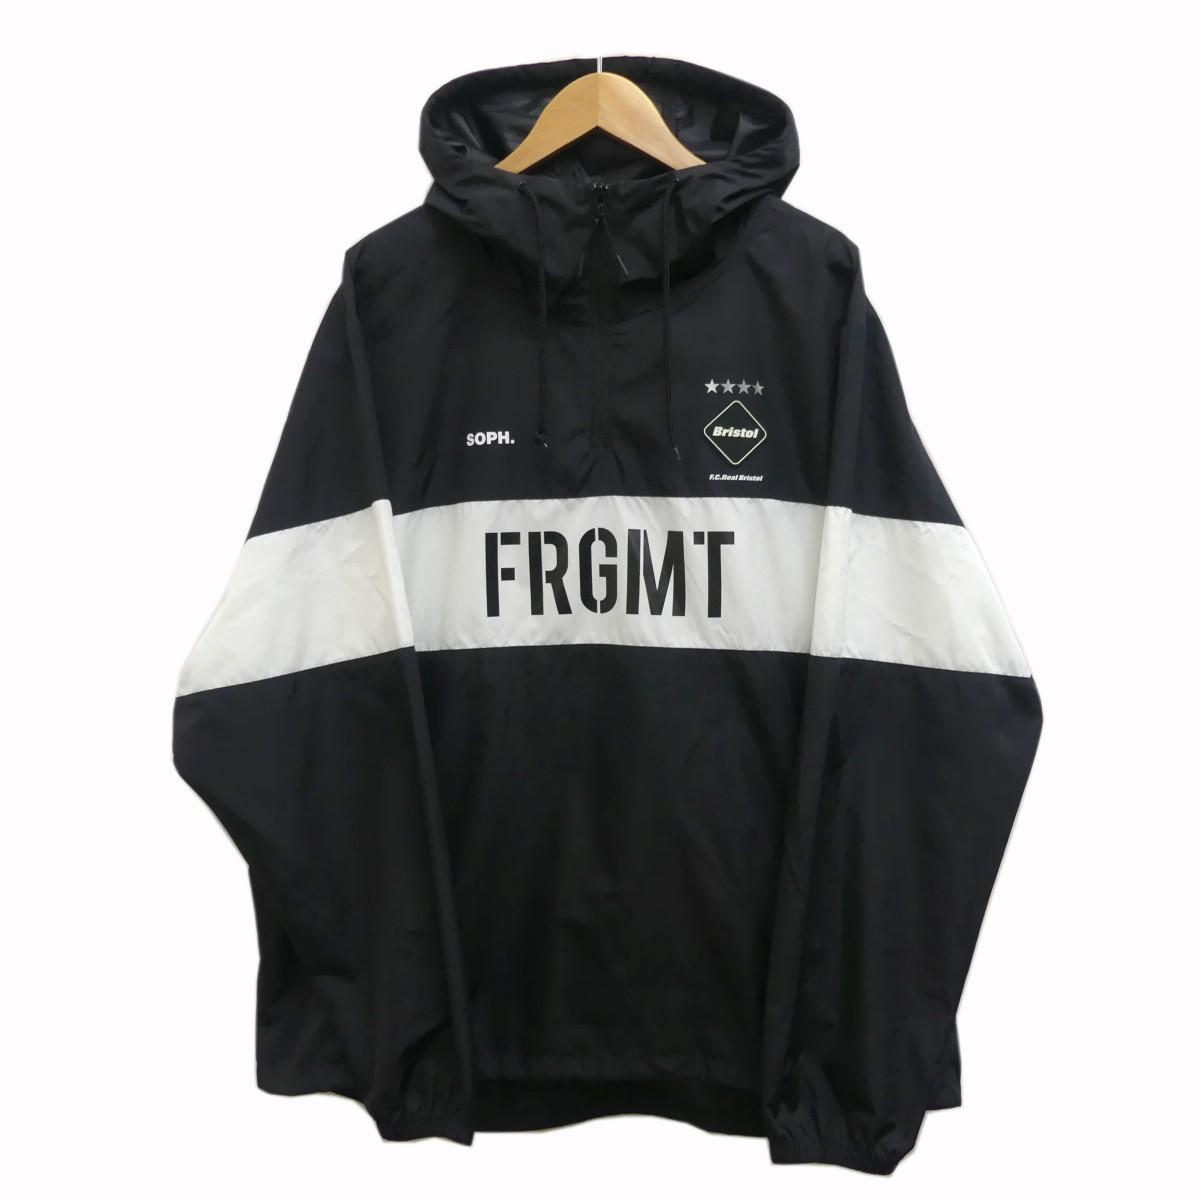 【中古】F.C.R.B.×Fragment Design 18AW TRAINING TOP SPONSORED BY FRGMT アノラックパーカー ブラック サイズ:L 【020620】(エフシーアールビー フラグメントデザイン)